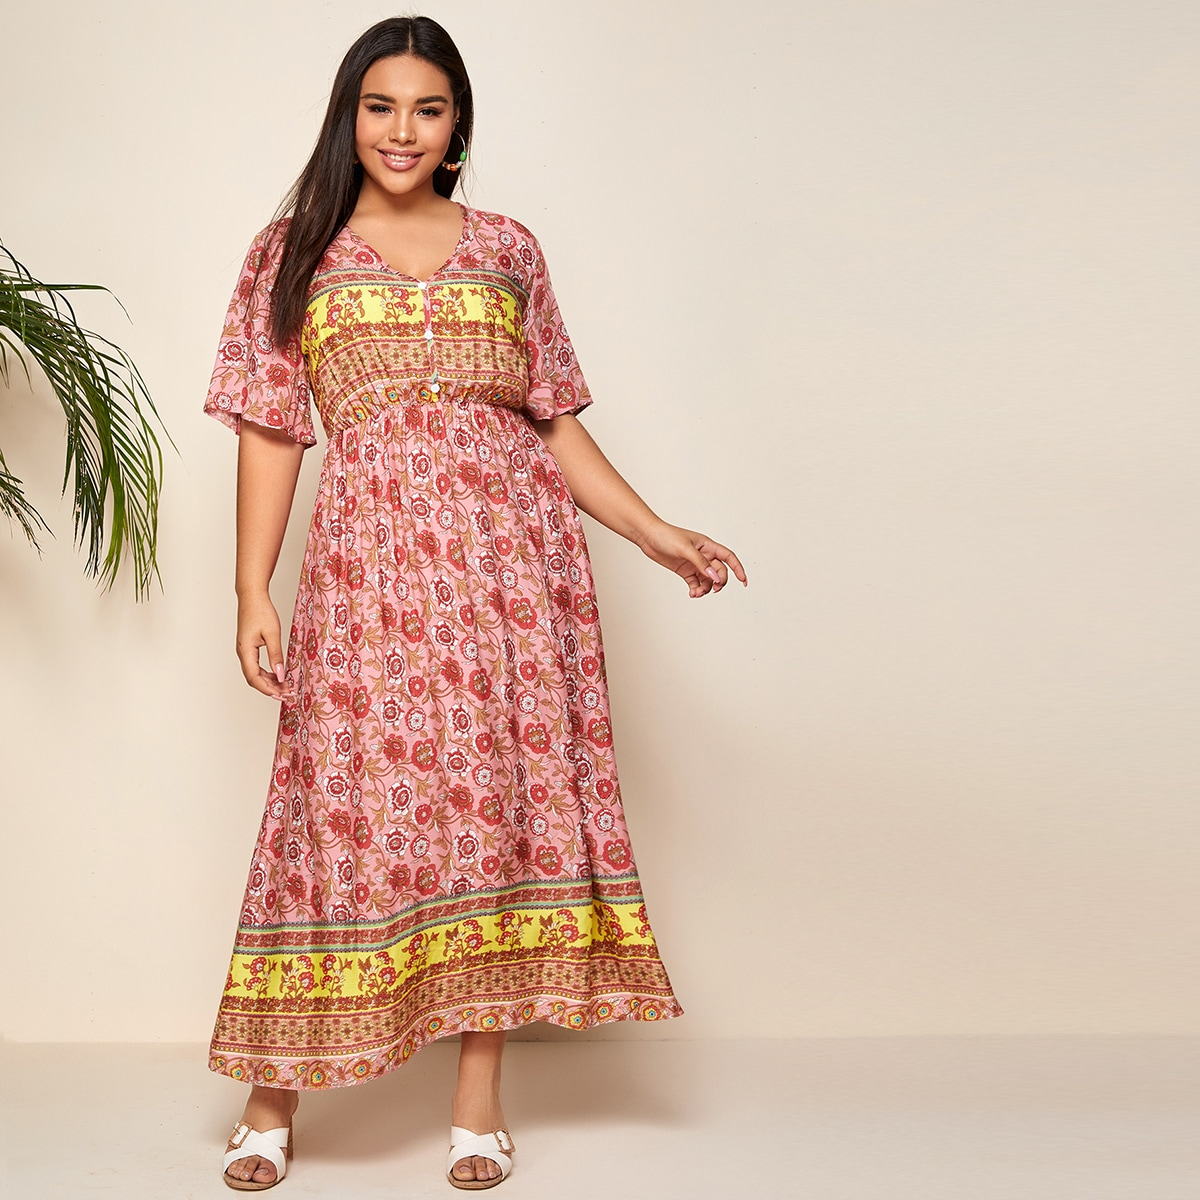 SHEIN / Große Größen - Maxi Kleid mit Blumen & Stamm Muster